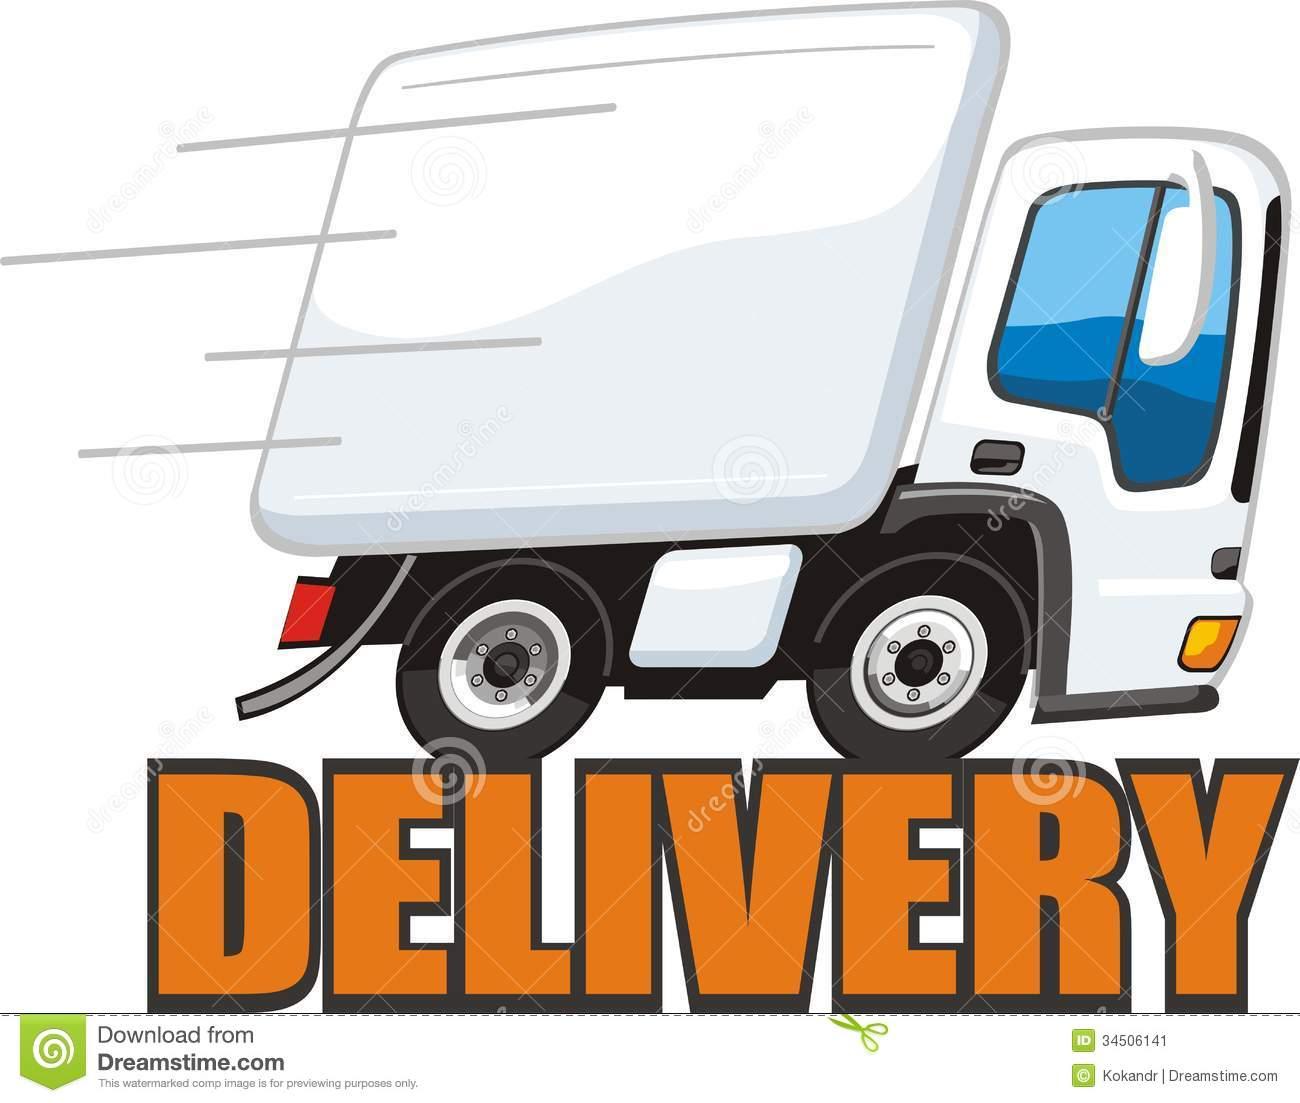 Ups Truck Clipart at GetDrawings.com.